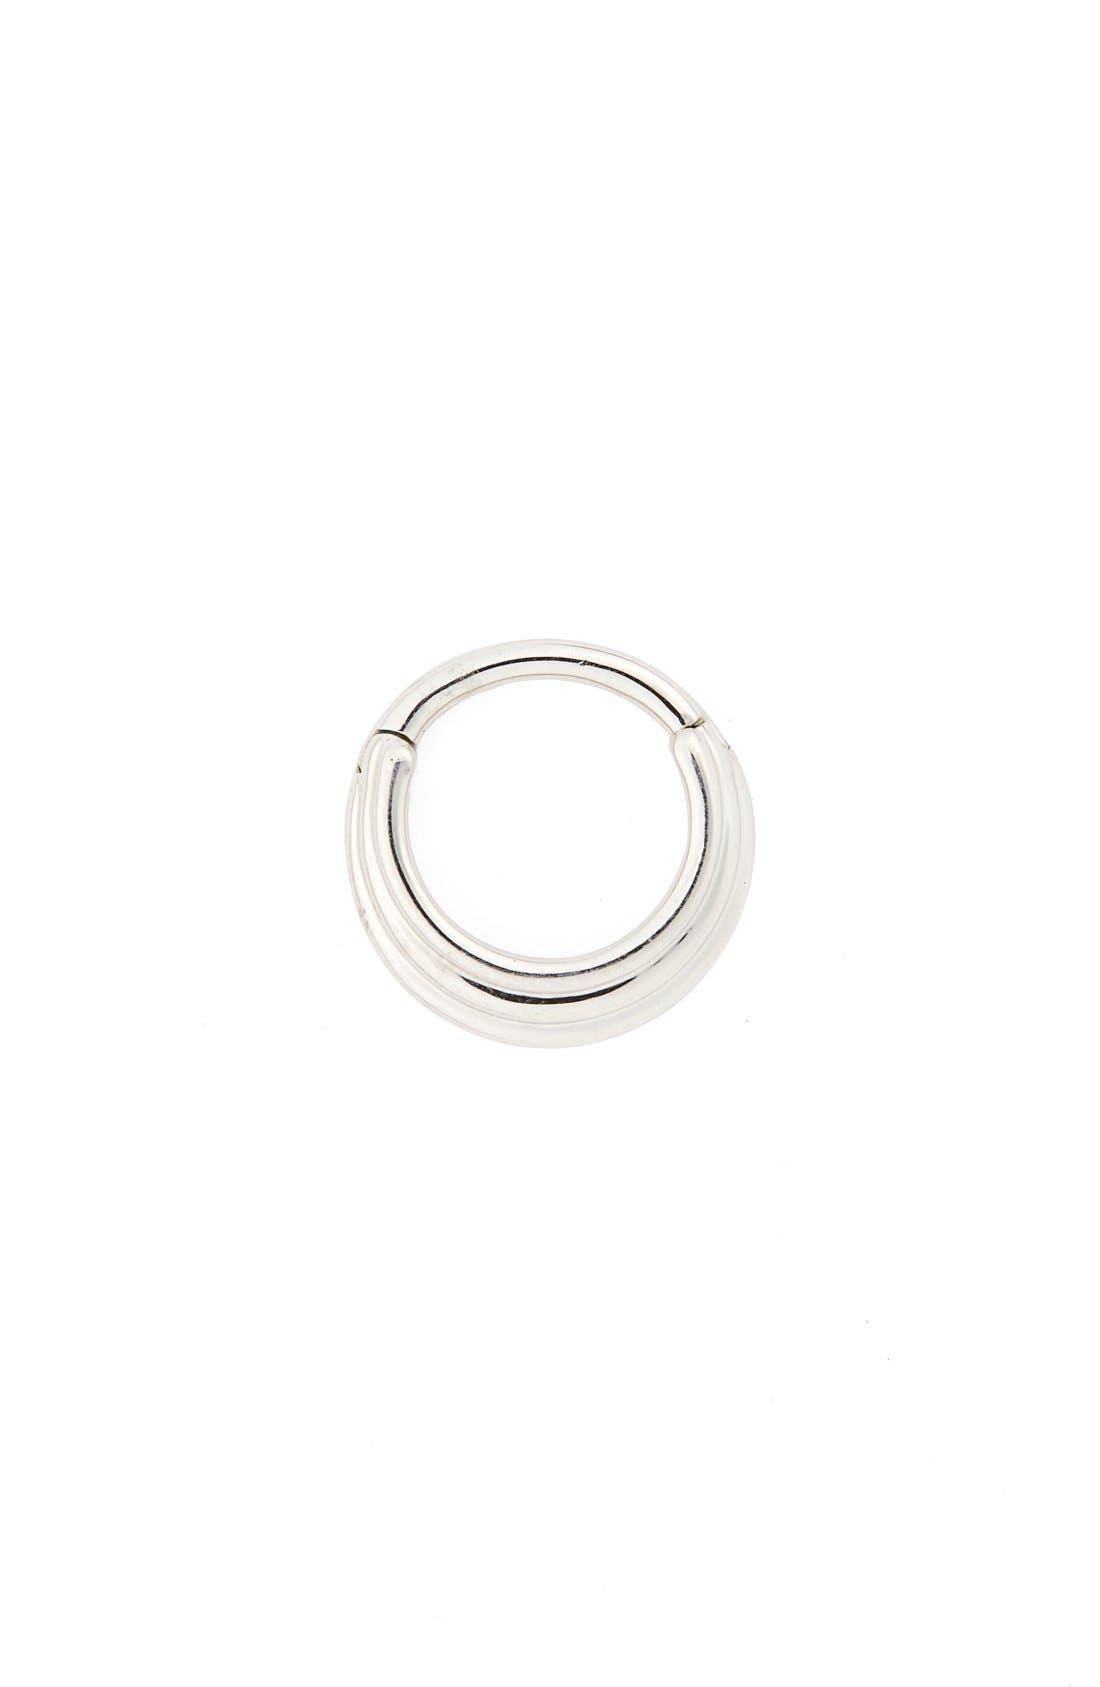 16 Gauge Hiranya Clicker Ring,                             Main thumbnail 1, color,                             White